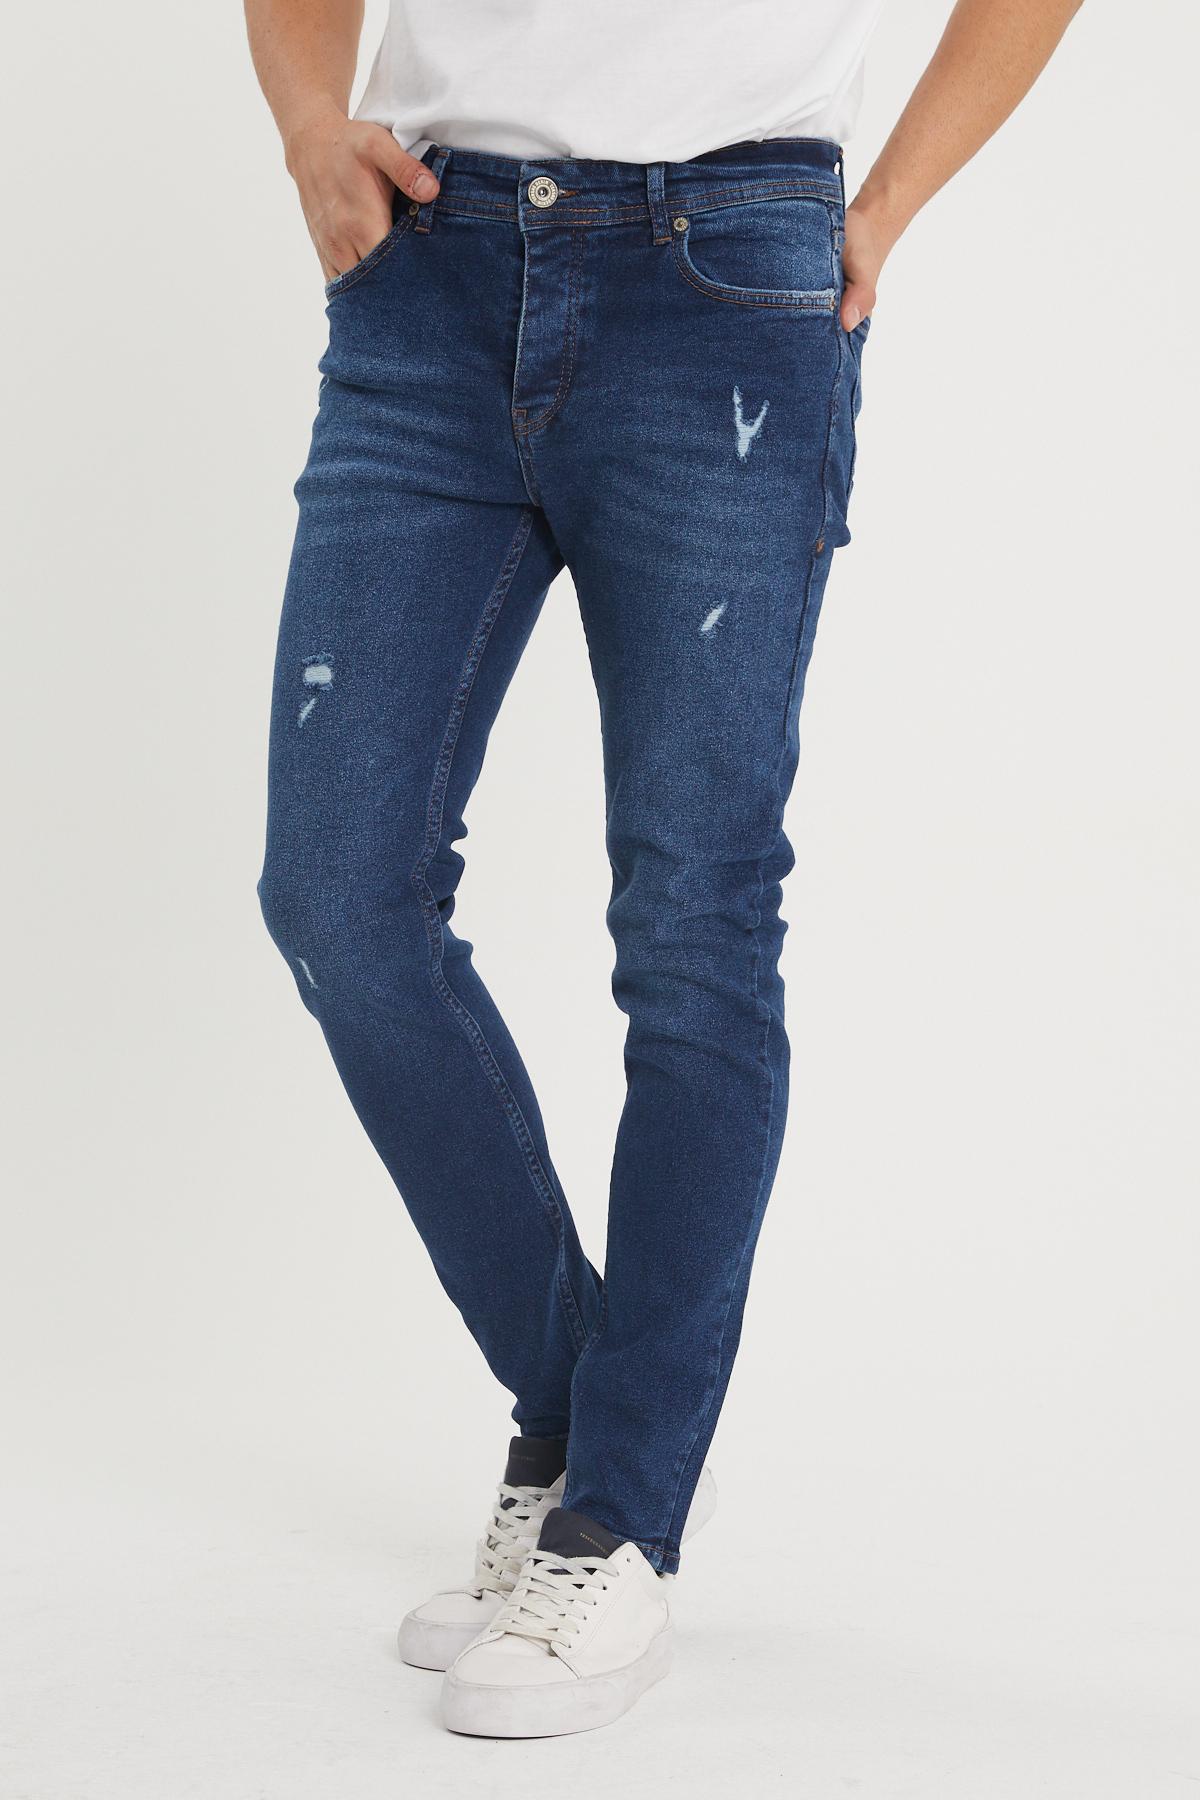 XHAN - Lacivert Slim Fit Jean Pantolon 1KXE5-44352-14